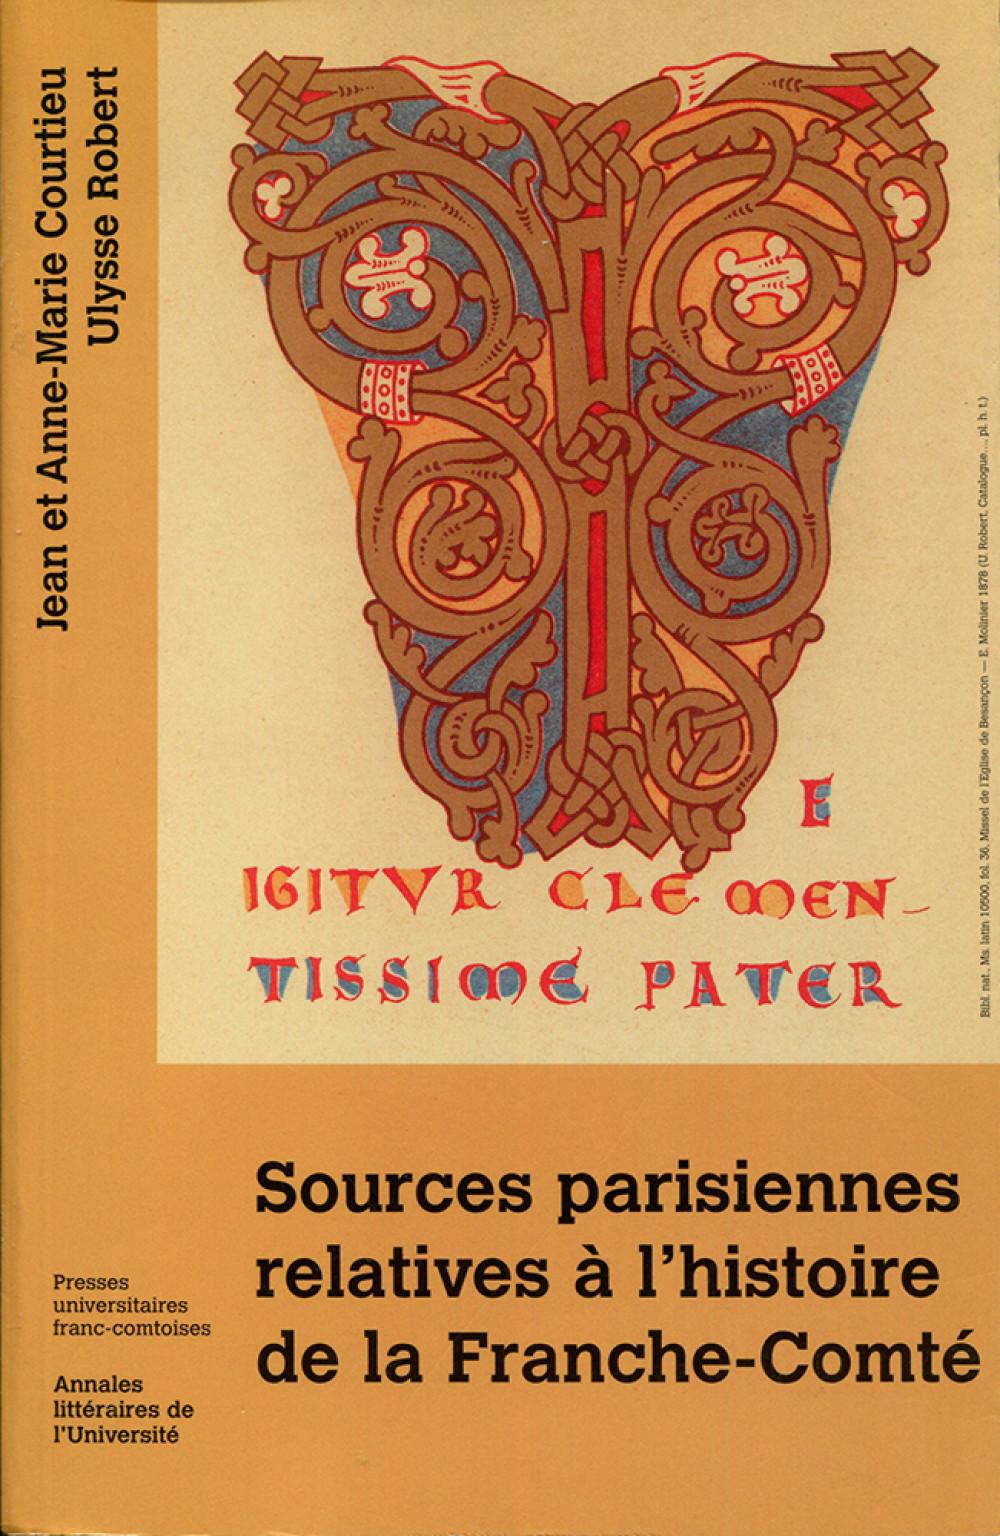 Sources parisiennes relatives à l'histoire de la Franche-Comté